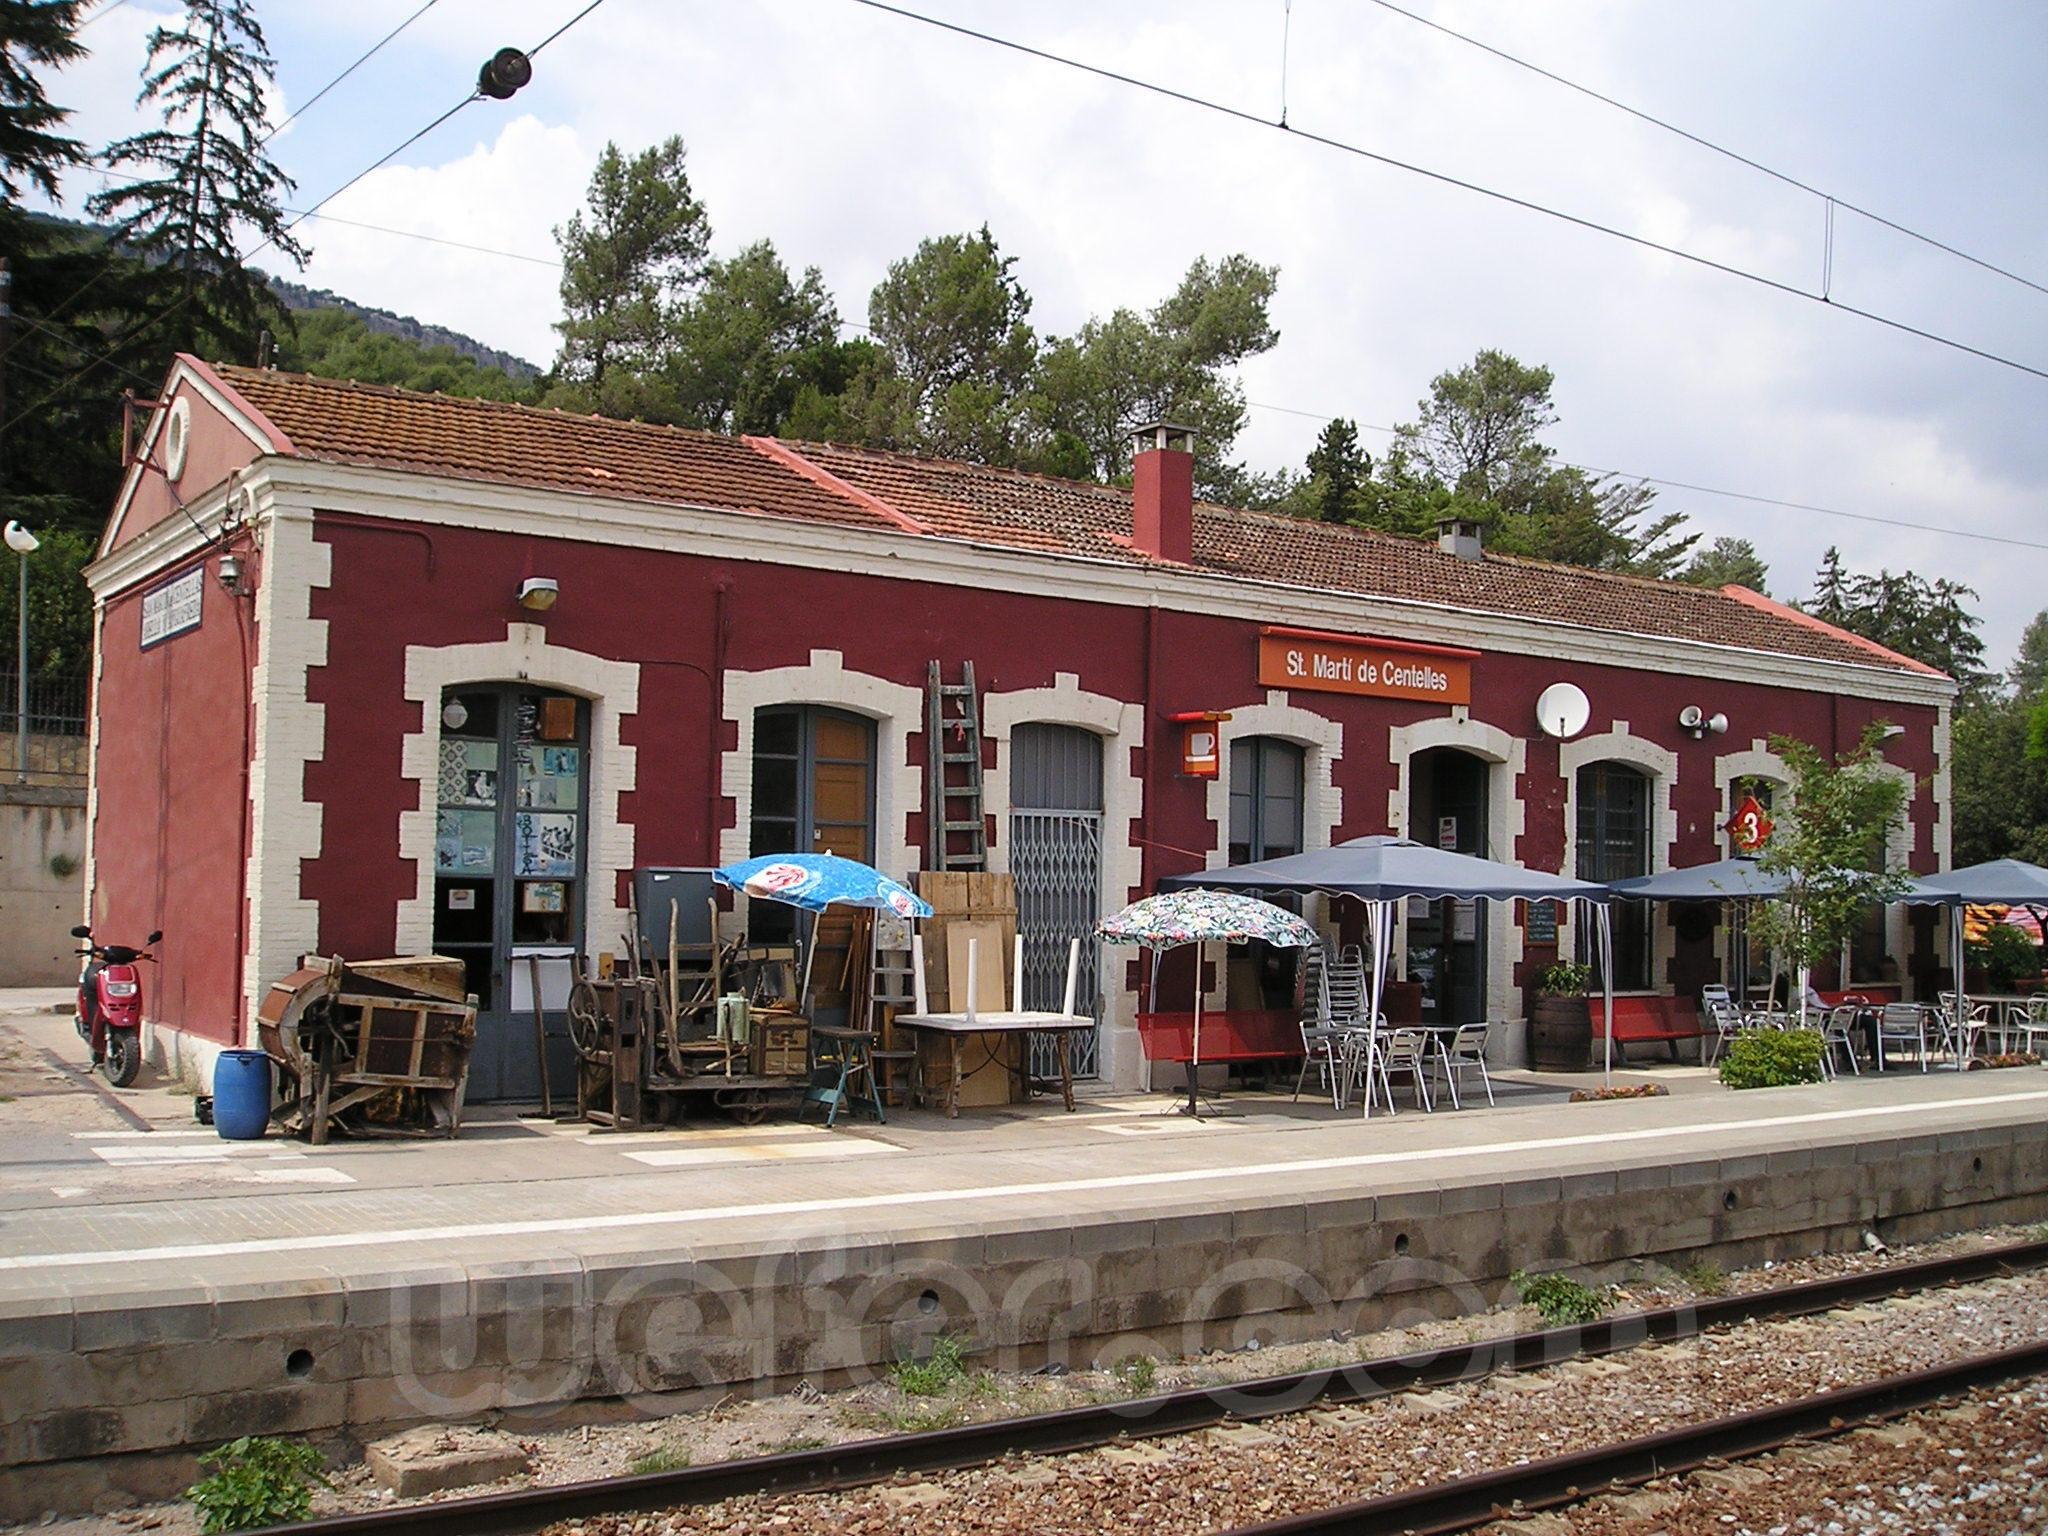 Renfe / ADIF: Sant Martí de Centelles